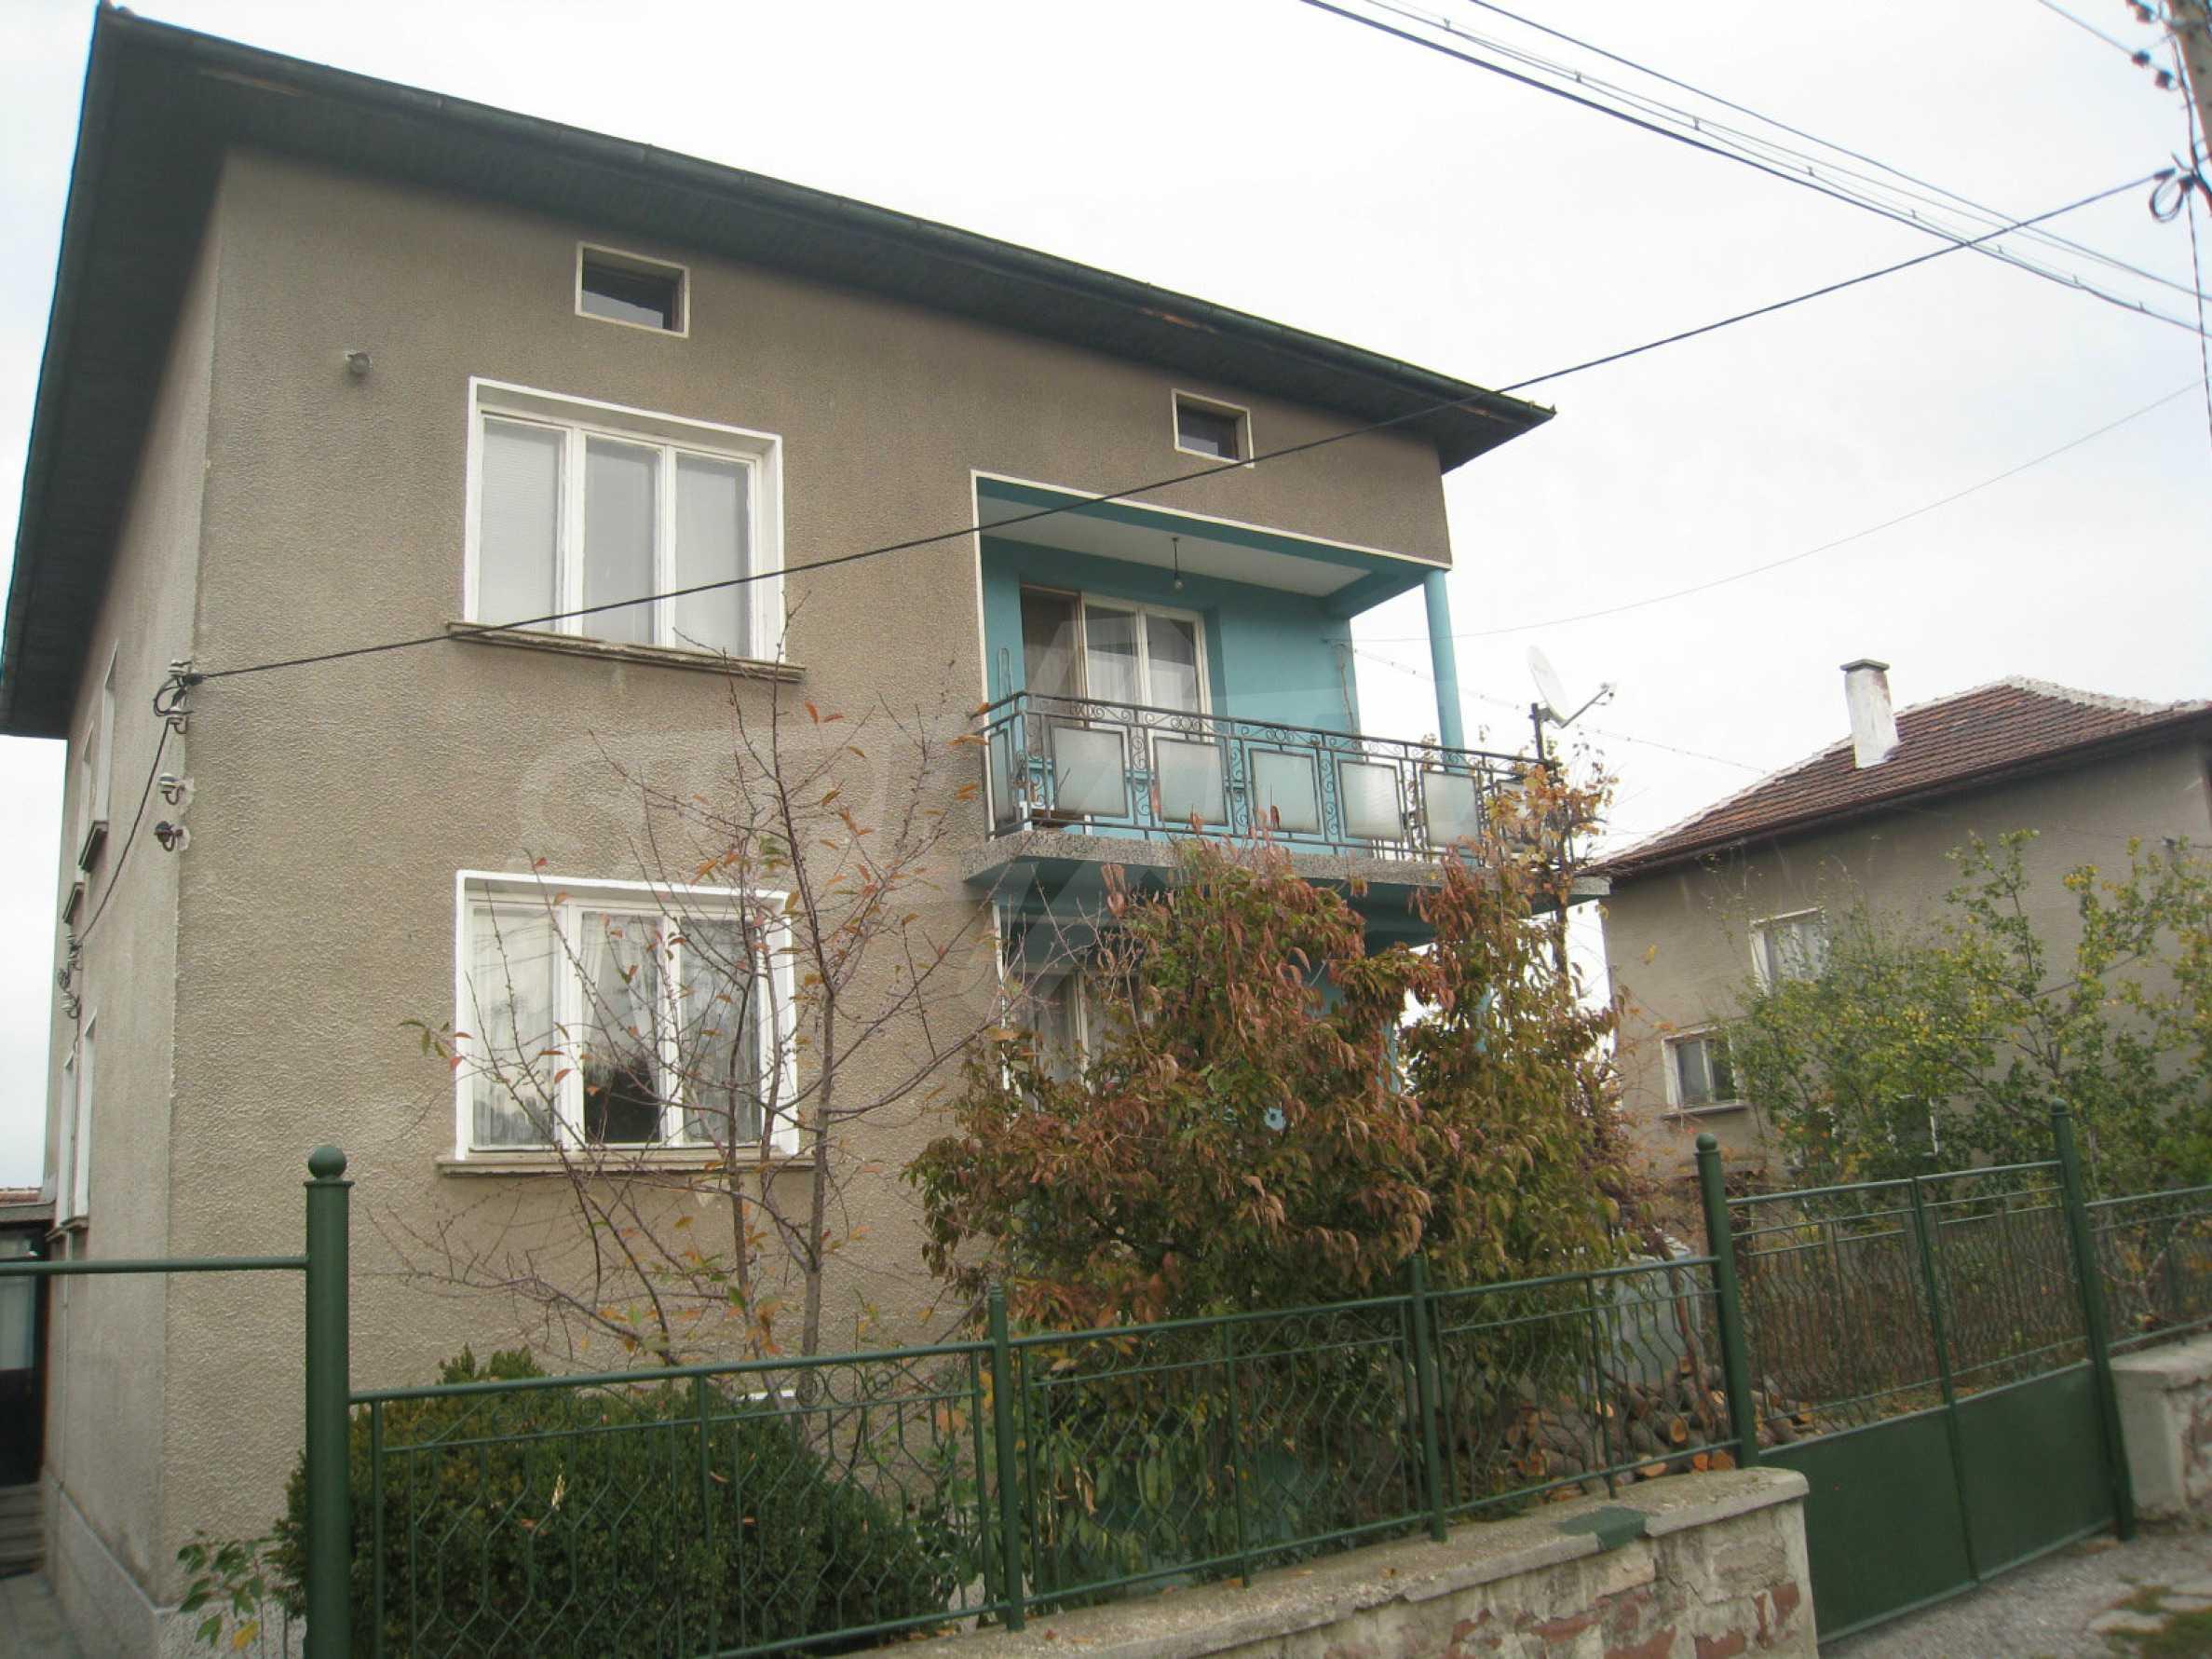 Großes zweistöckiges Haus mit Hof in einem Dorf in der Nähe von Sofia 2